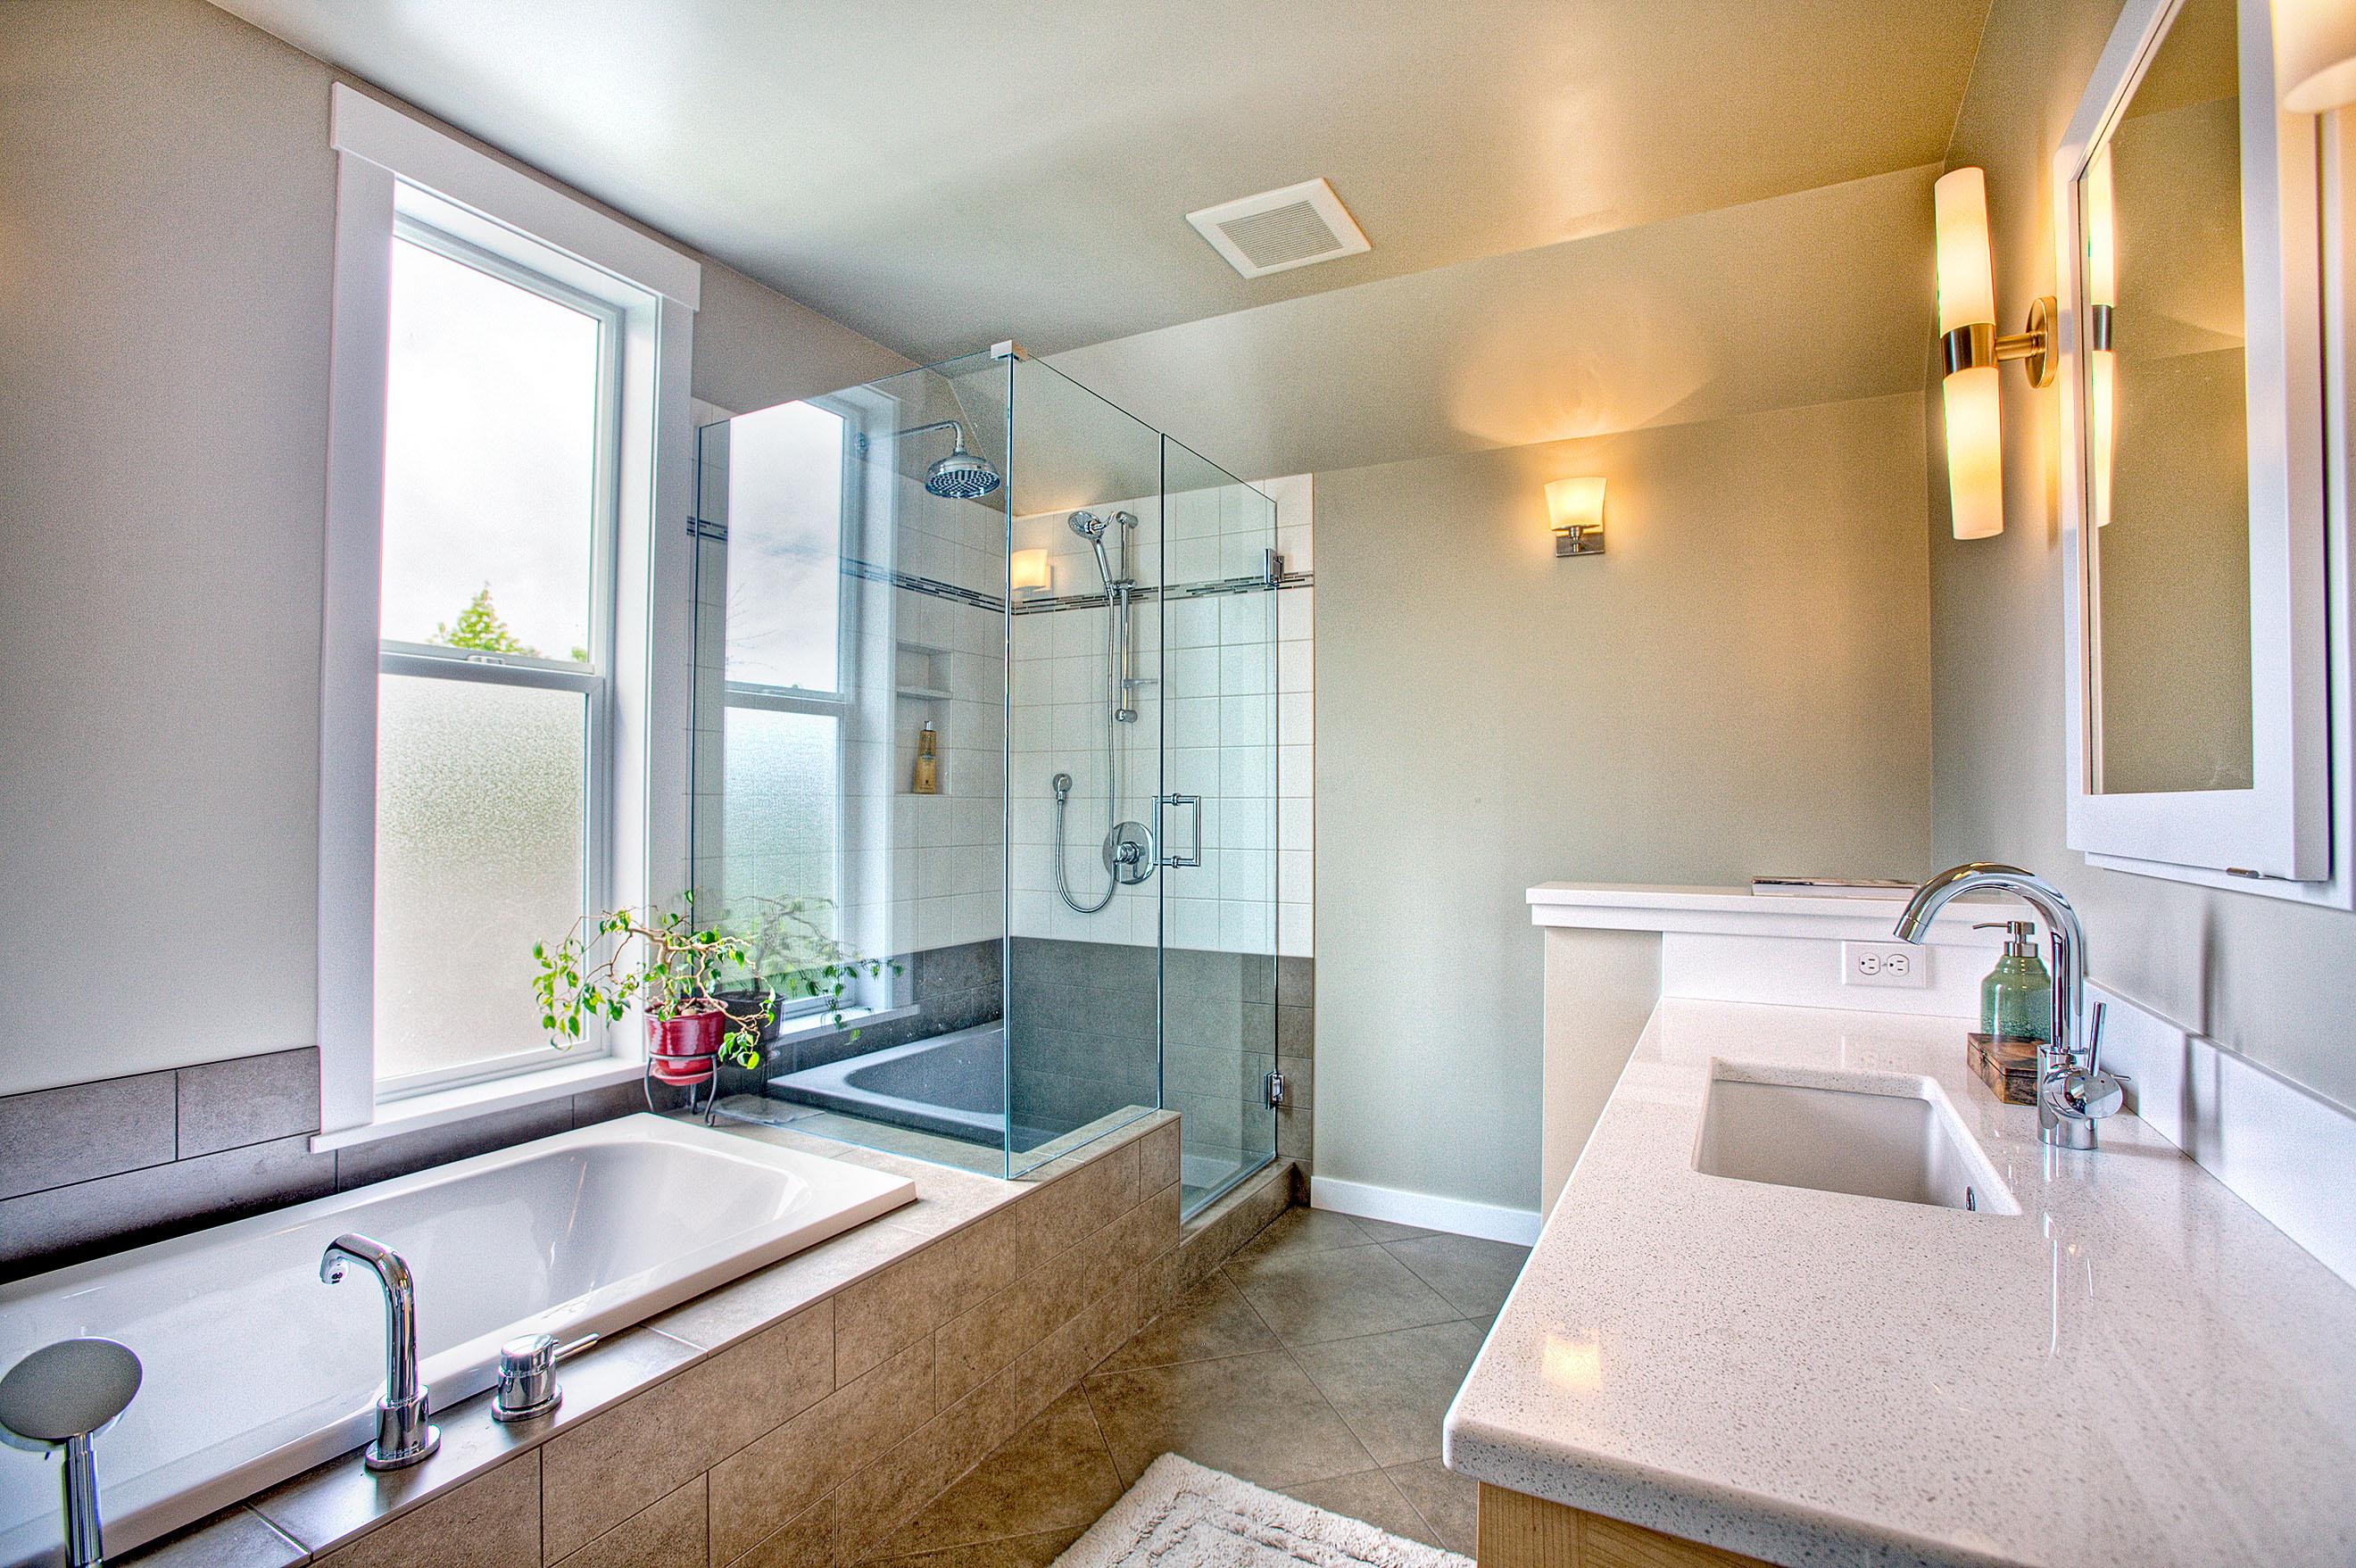 Karina Large Bathroom